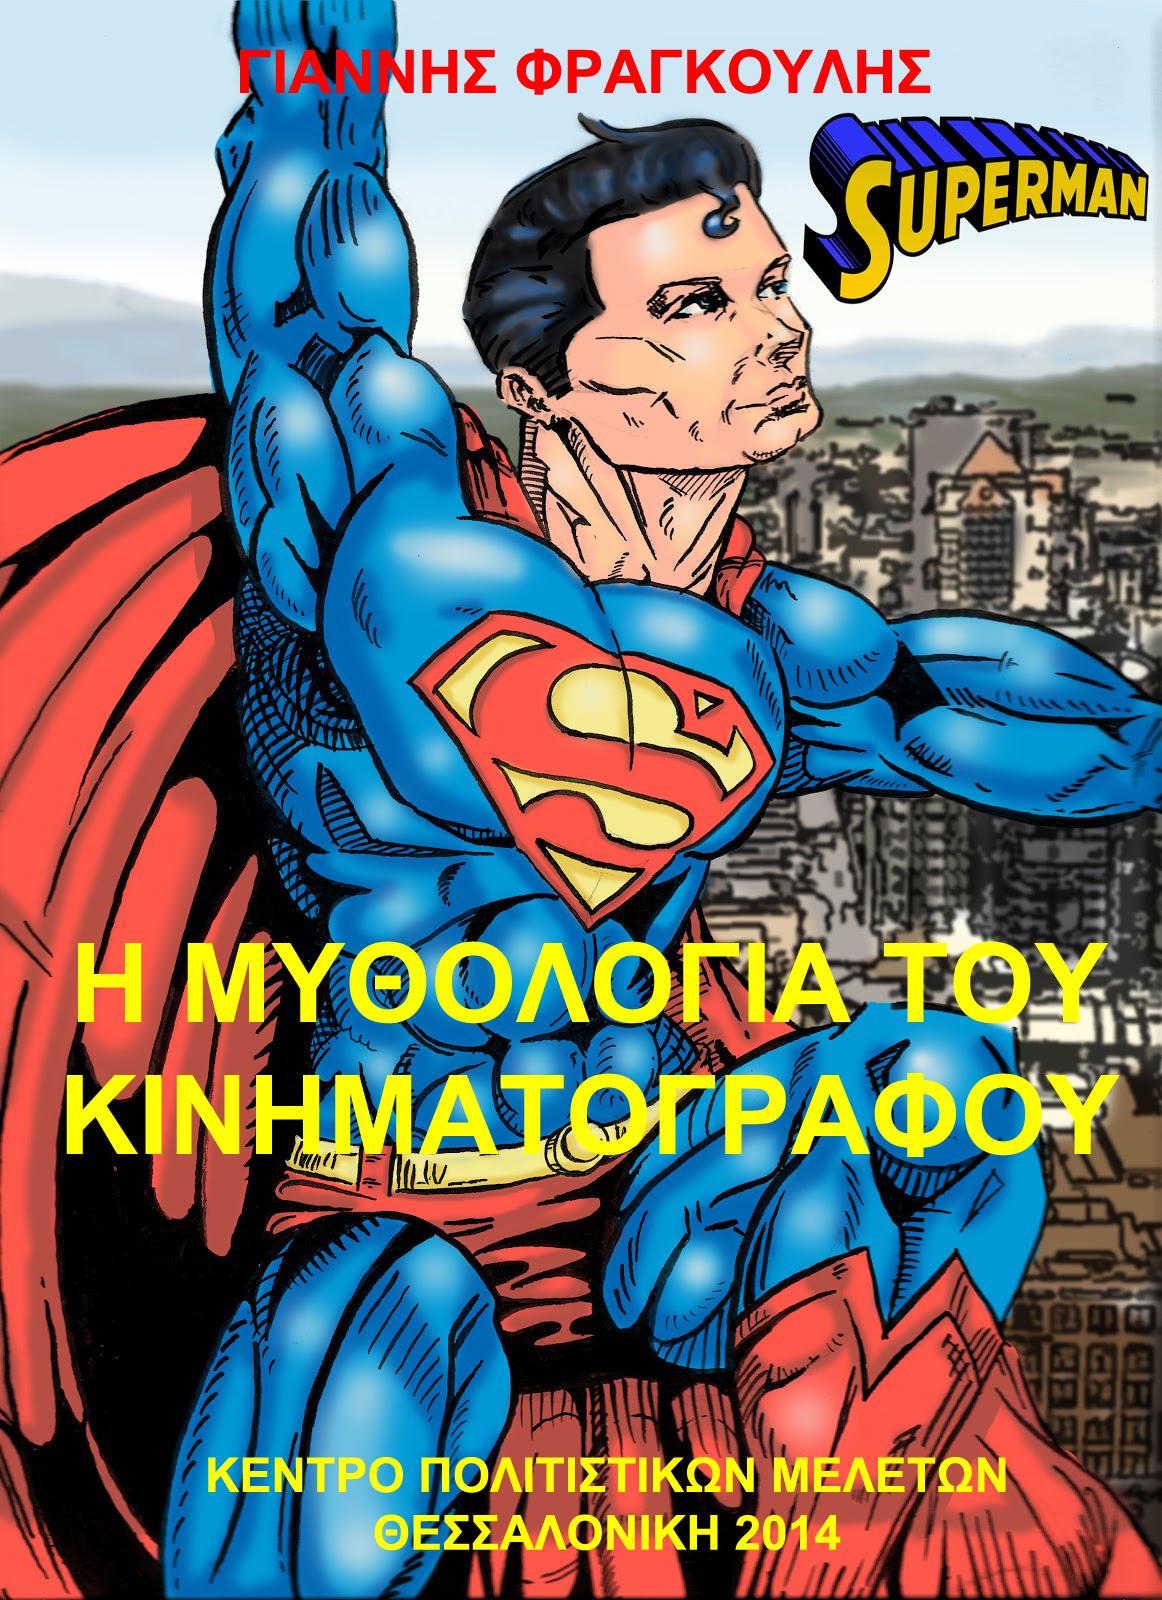 0001 THE MYTHOLOGY OF CINEMA COVER